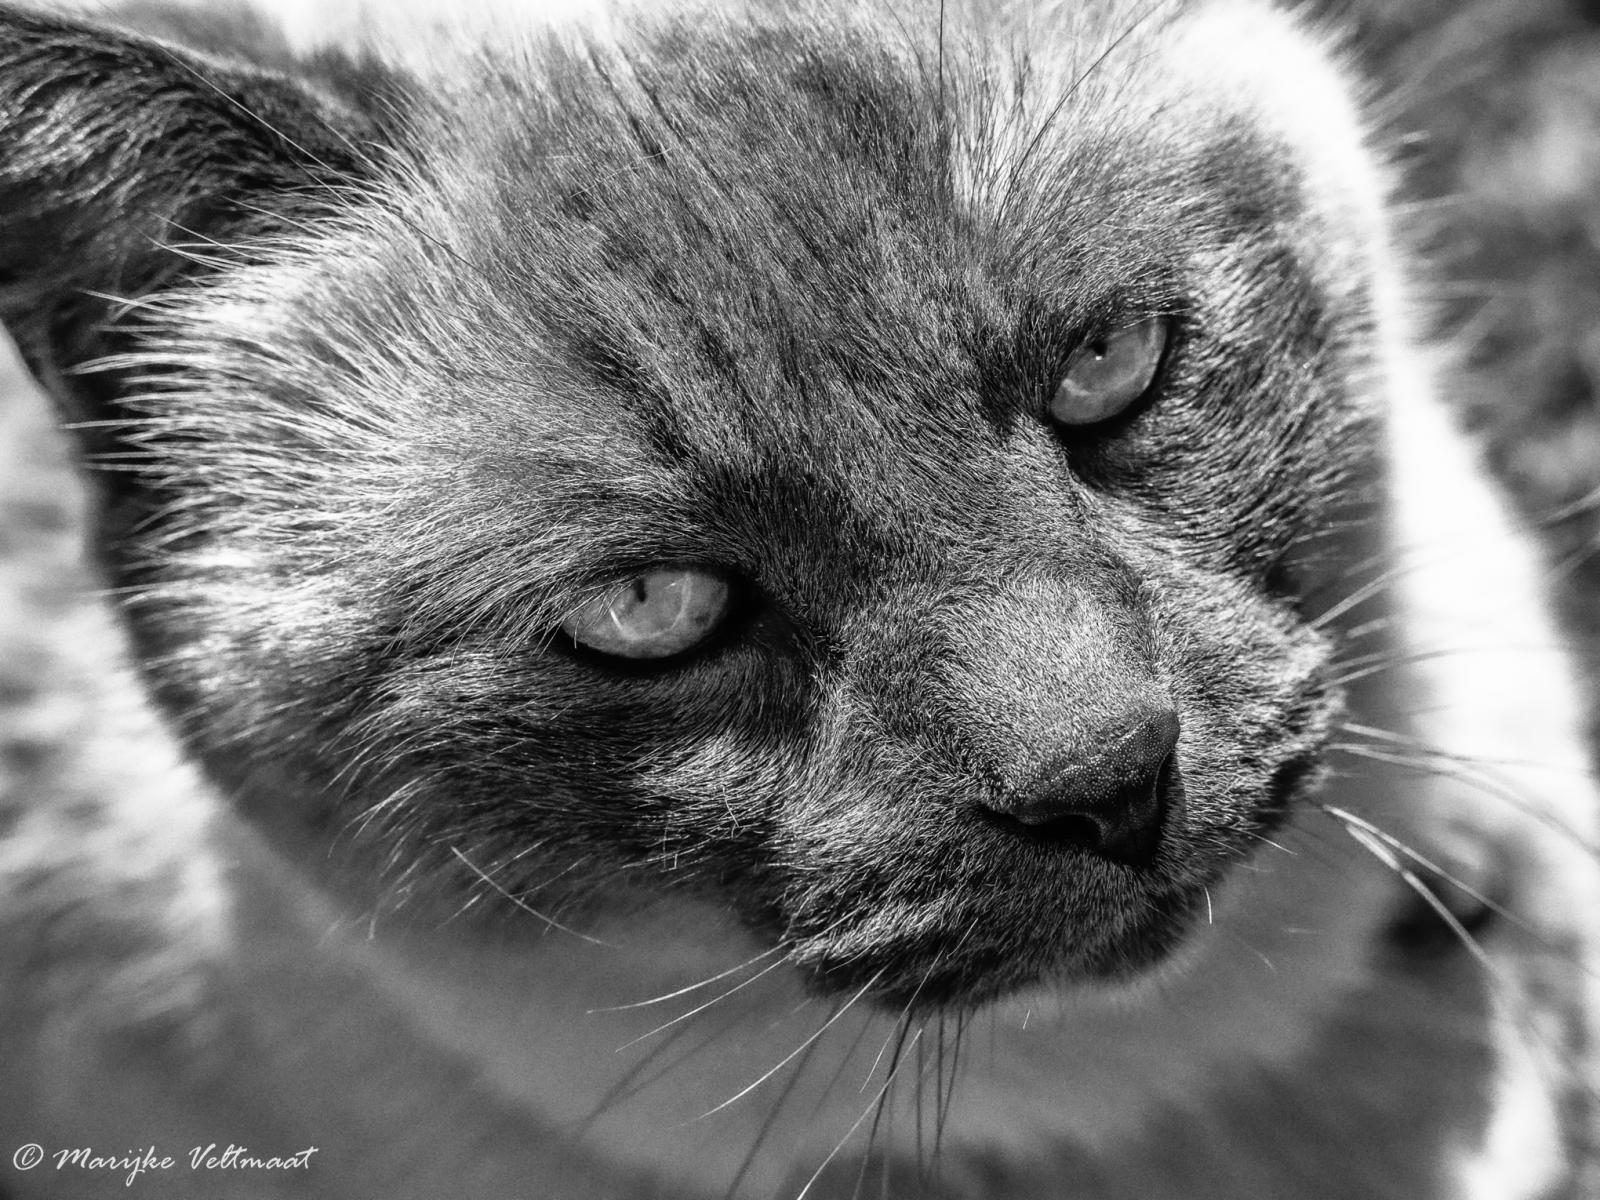 Marijke-Veltmaat-Portret-01